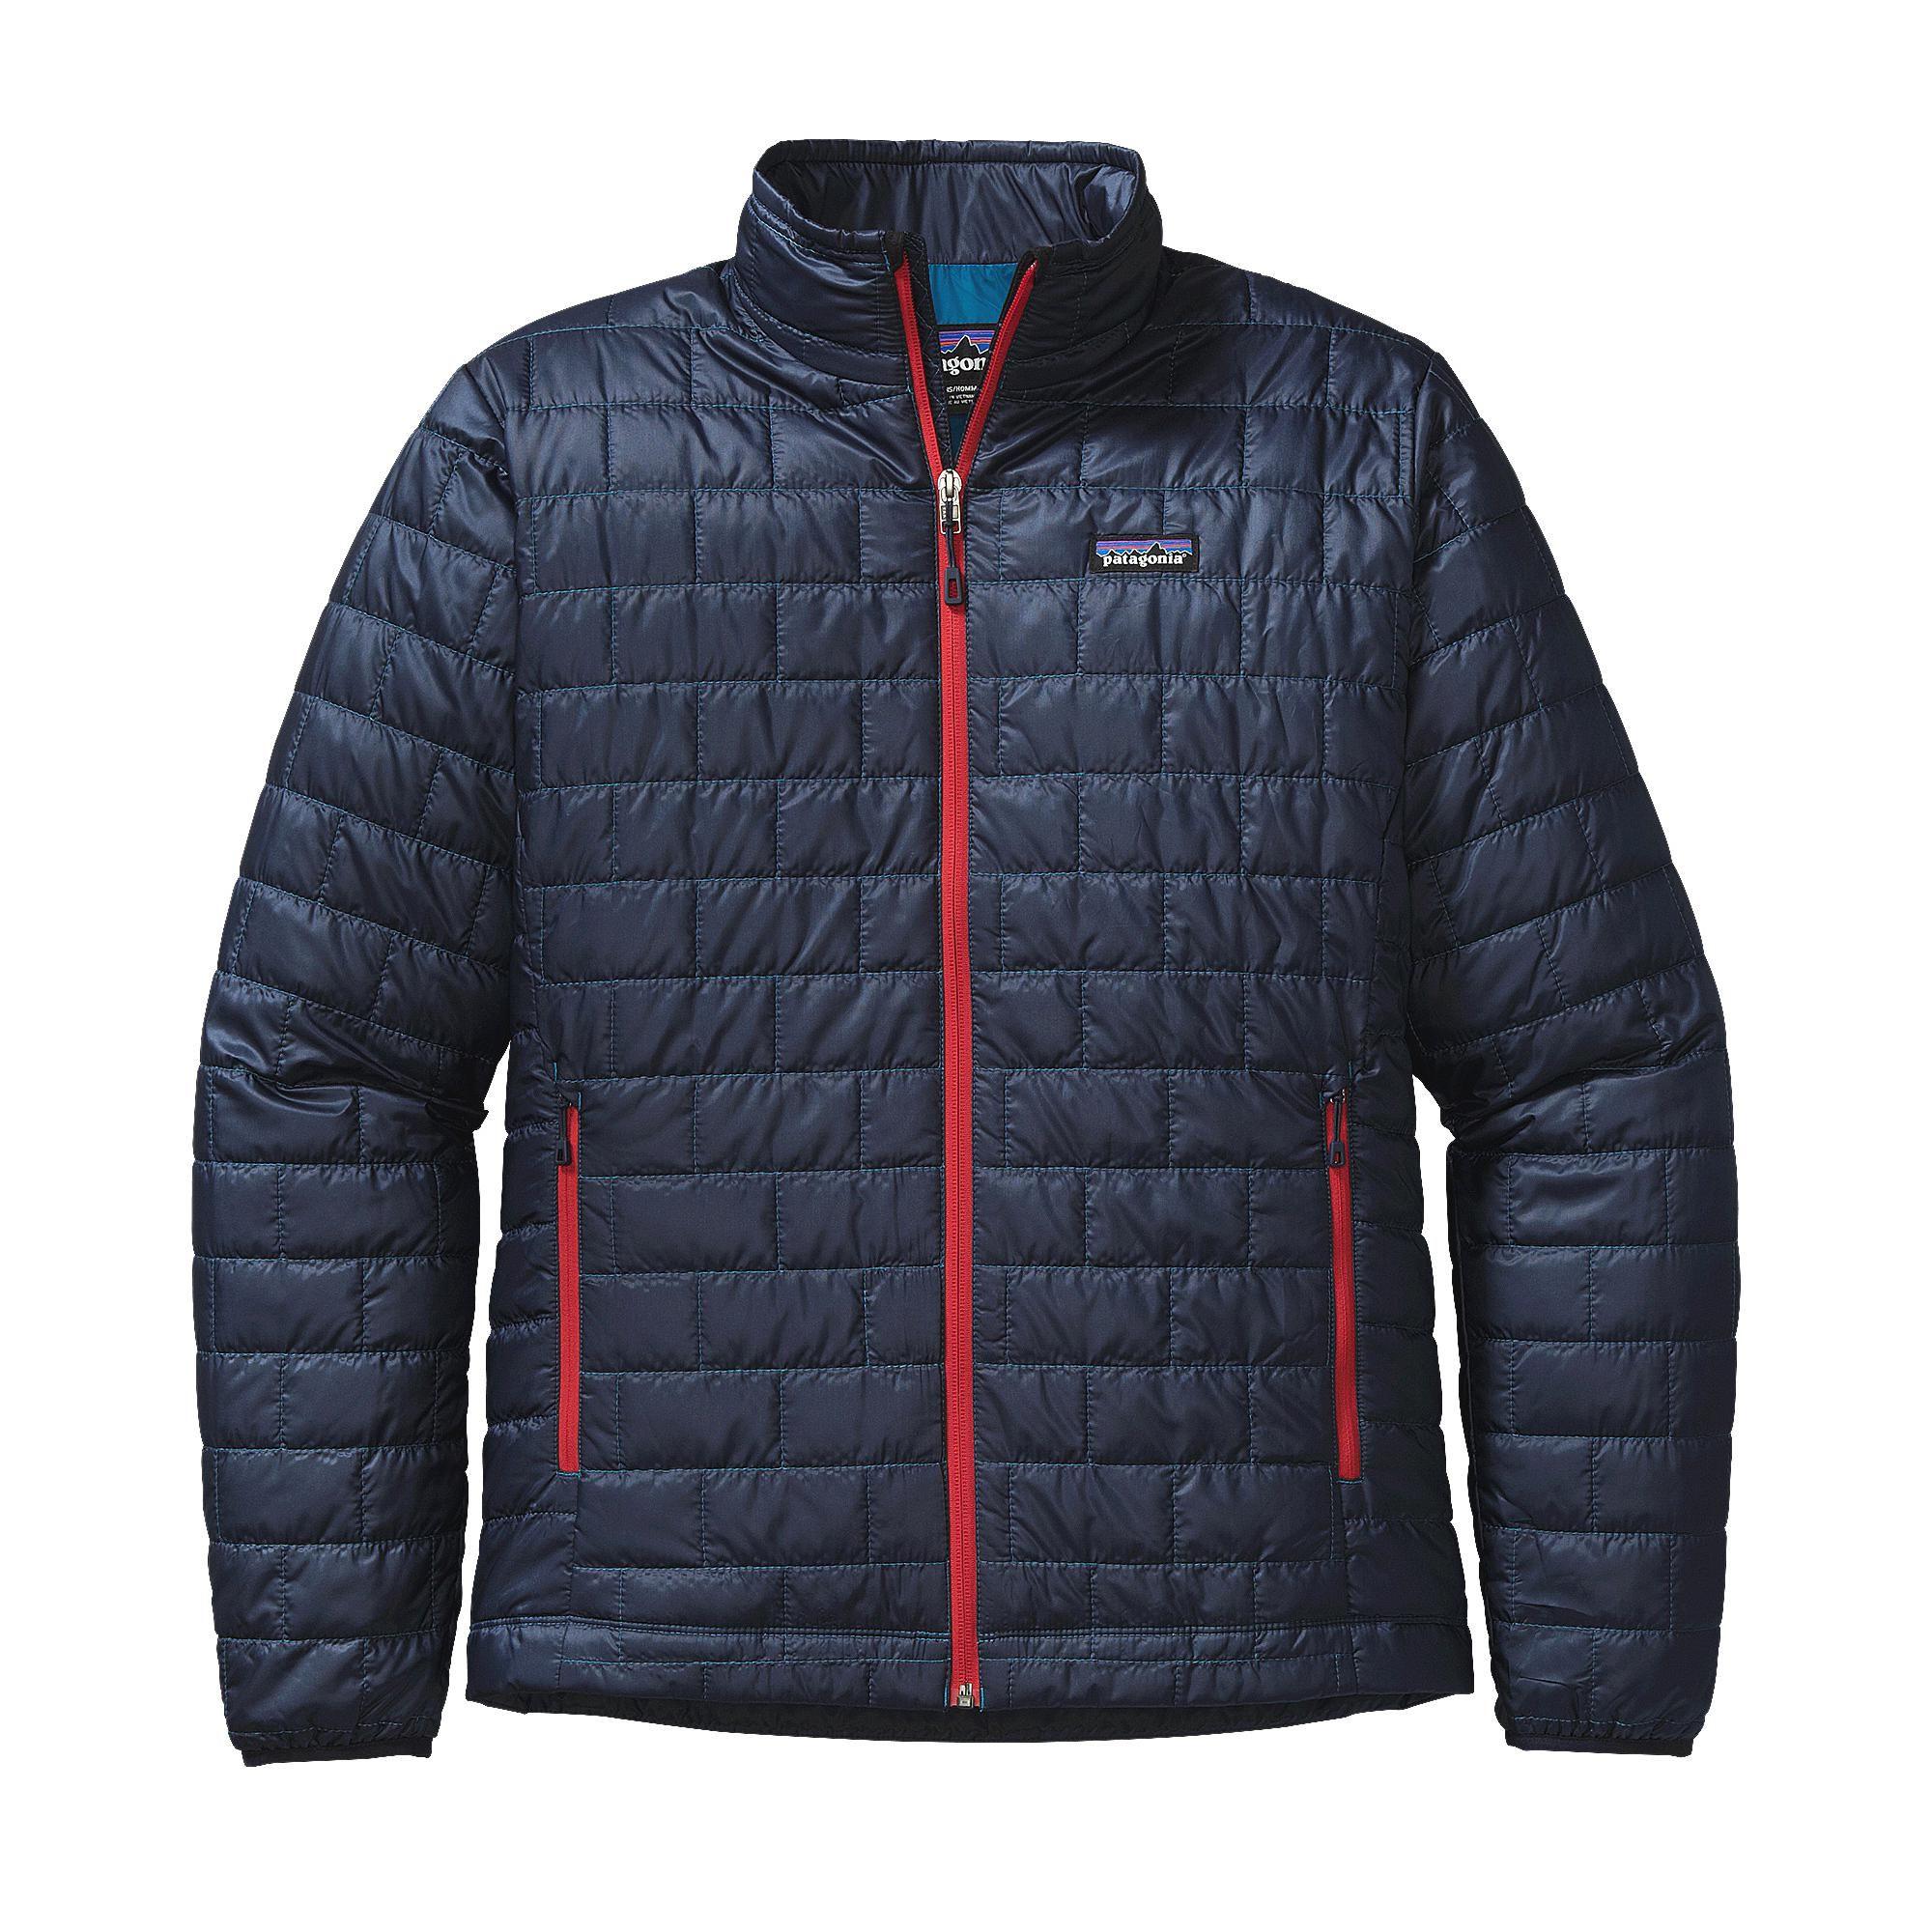 Men's Nano Puff® Jacket Jackets, Patagonia nano puff